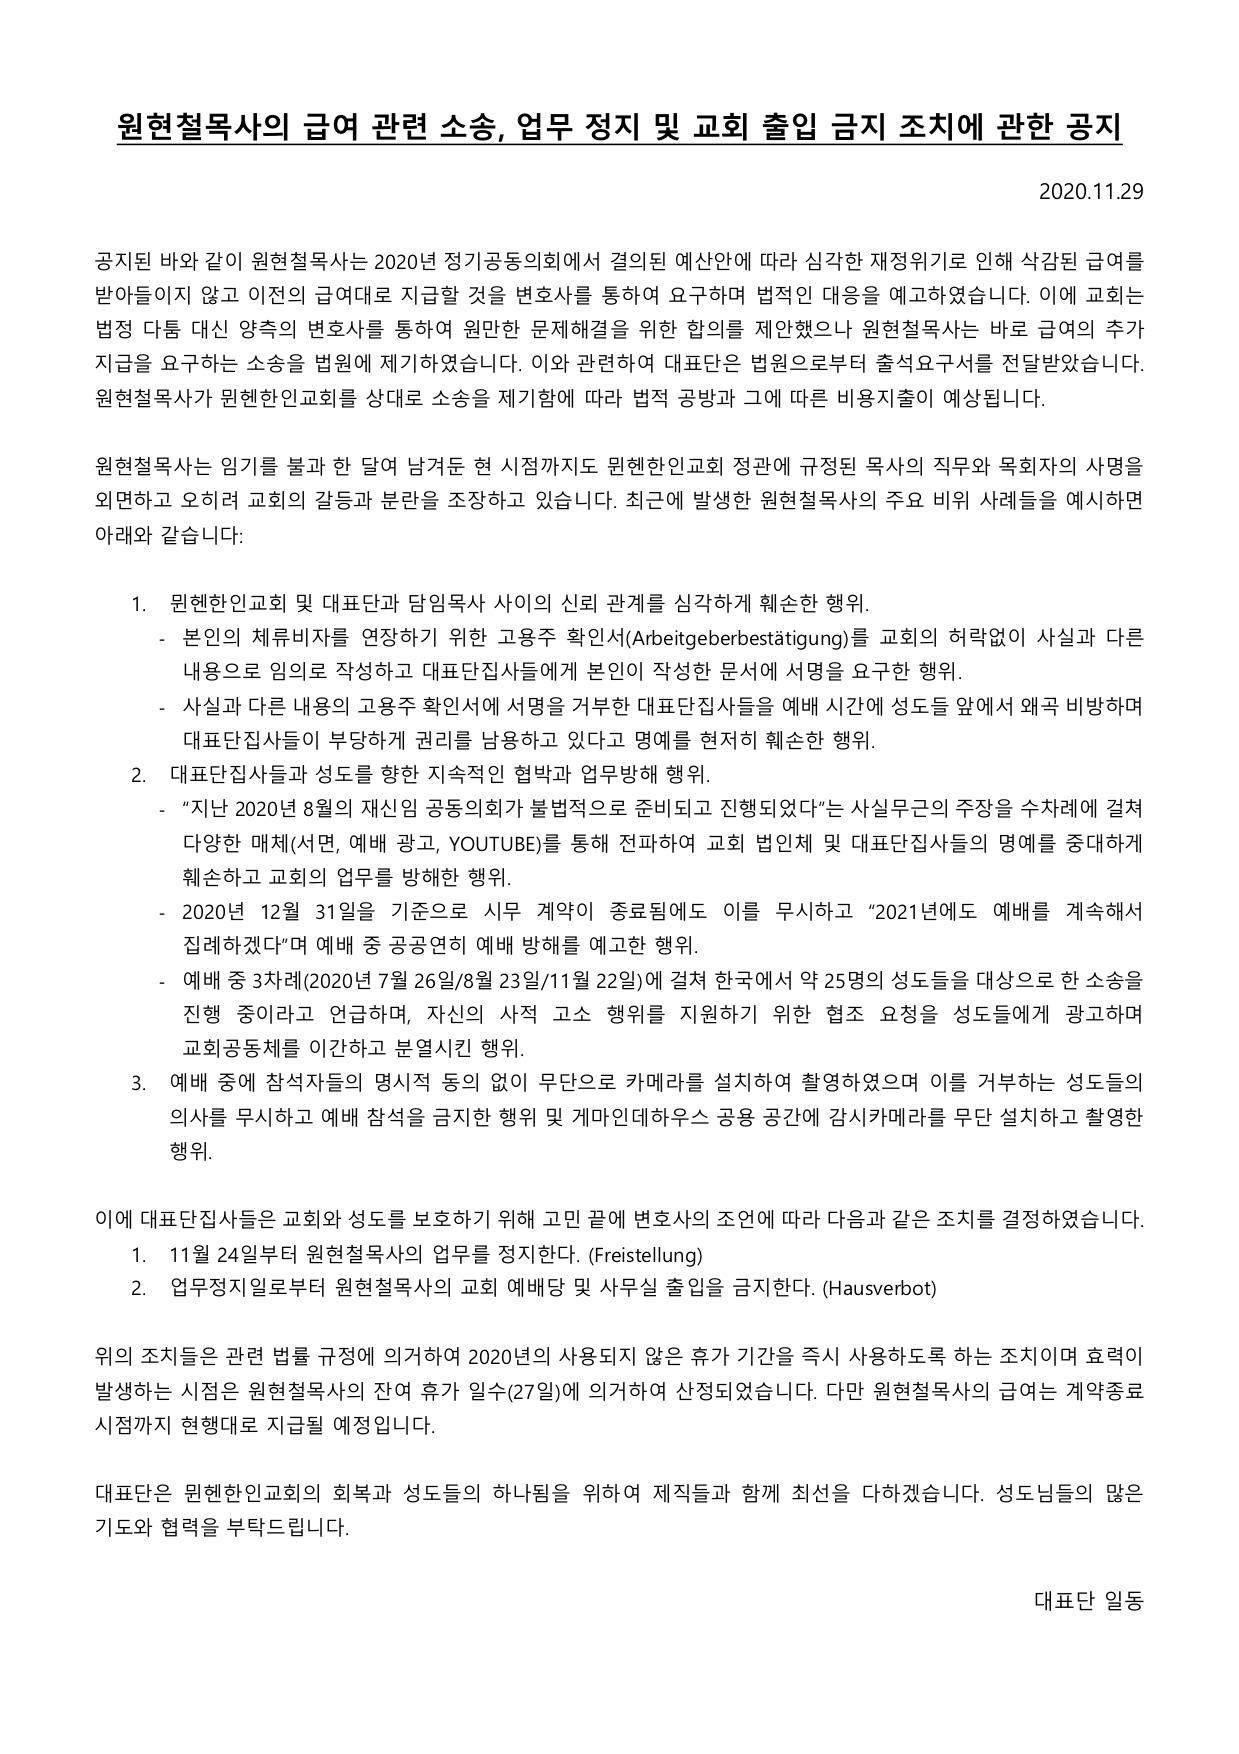 원현철목사의 급여 관련 소송, 업무 정지 및 교회 출입 금지 조치에 관한 공지.jpg